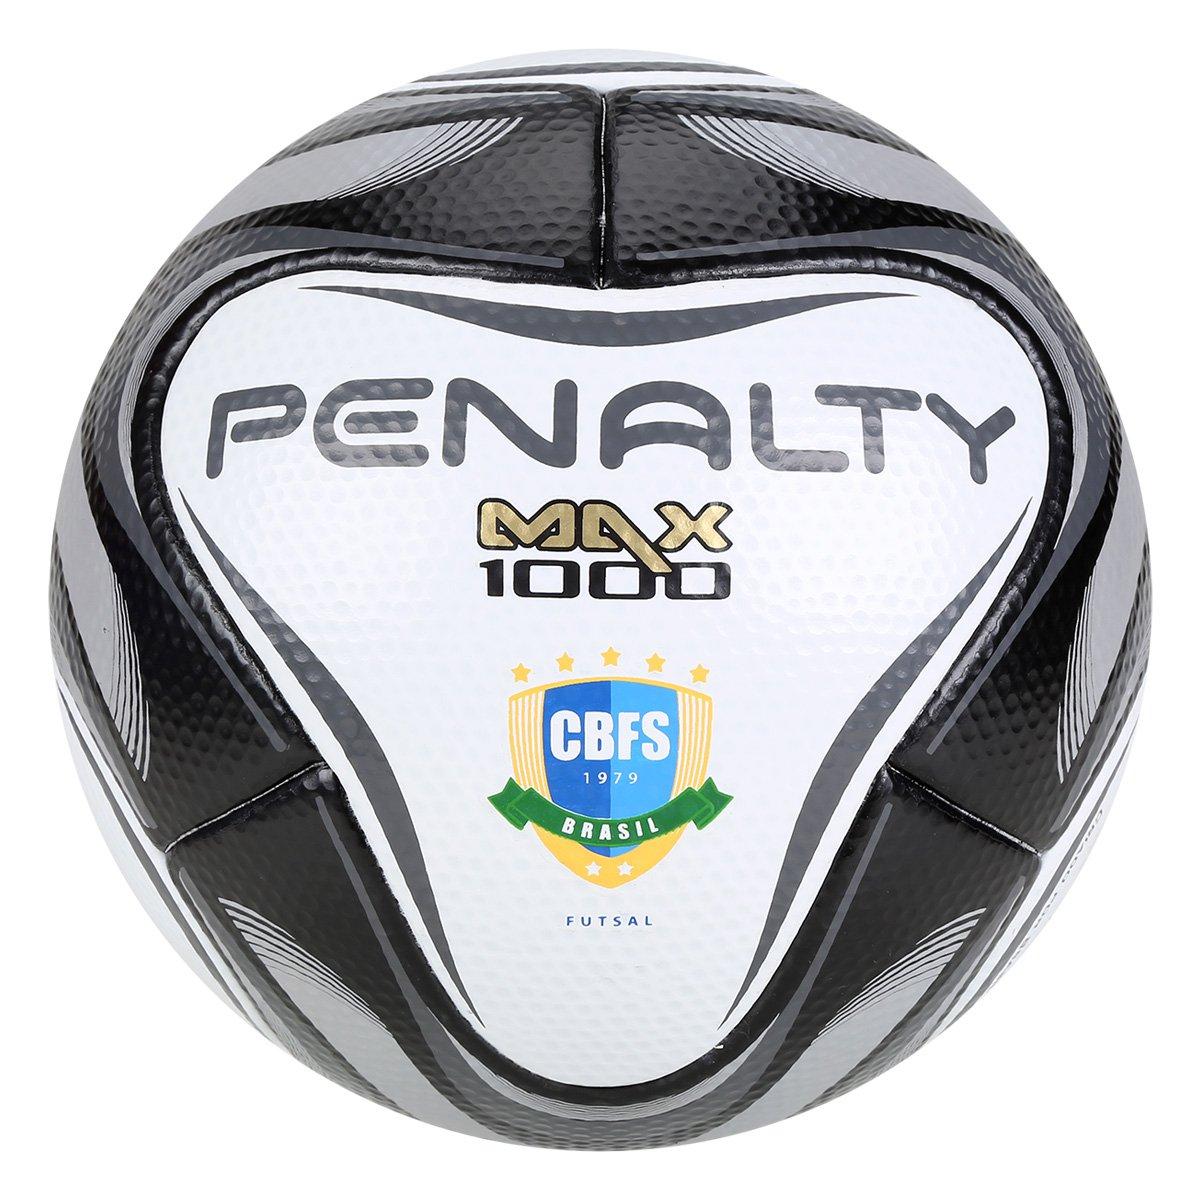 e8db417ad5 Bola de Futsal Penalty Max 1000 All Black - Edição Limitada - Compre ...